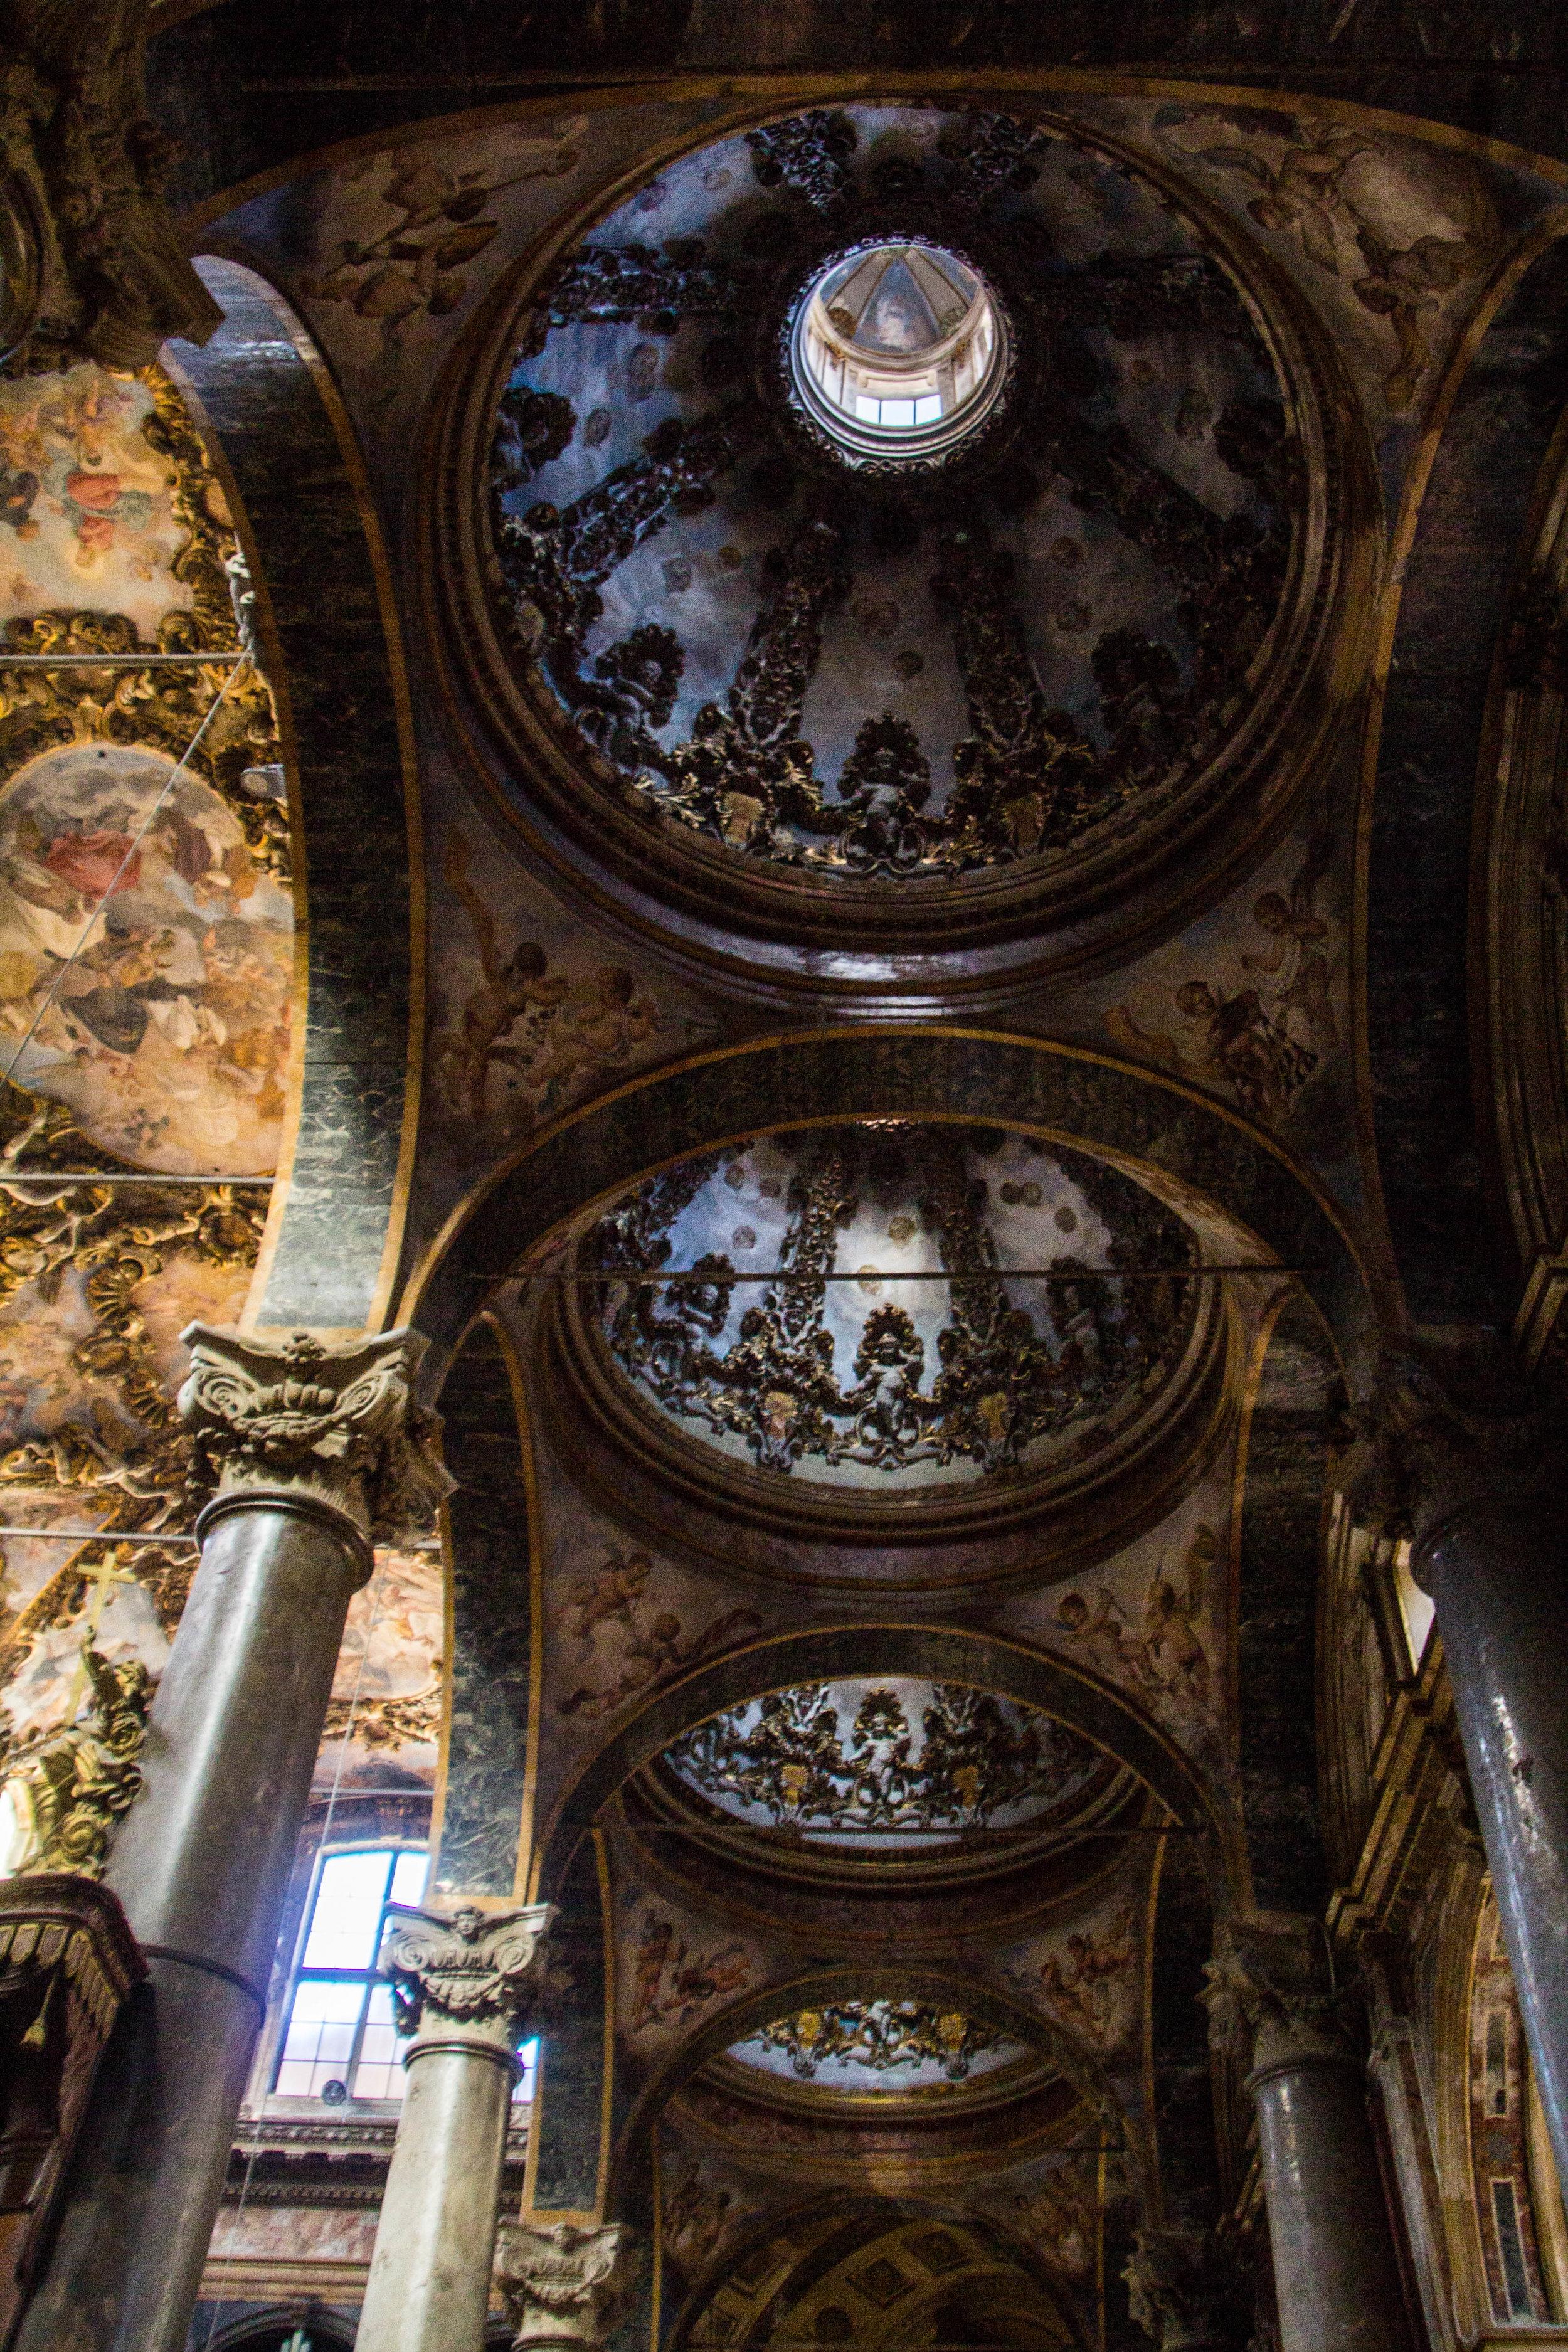 chiesa-di-san-giuseppe-dei-teatini-palermo-6.jpg